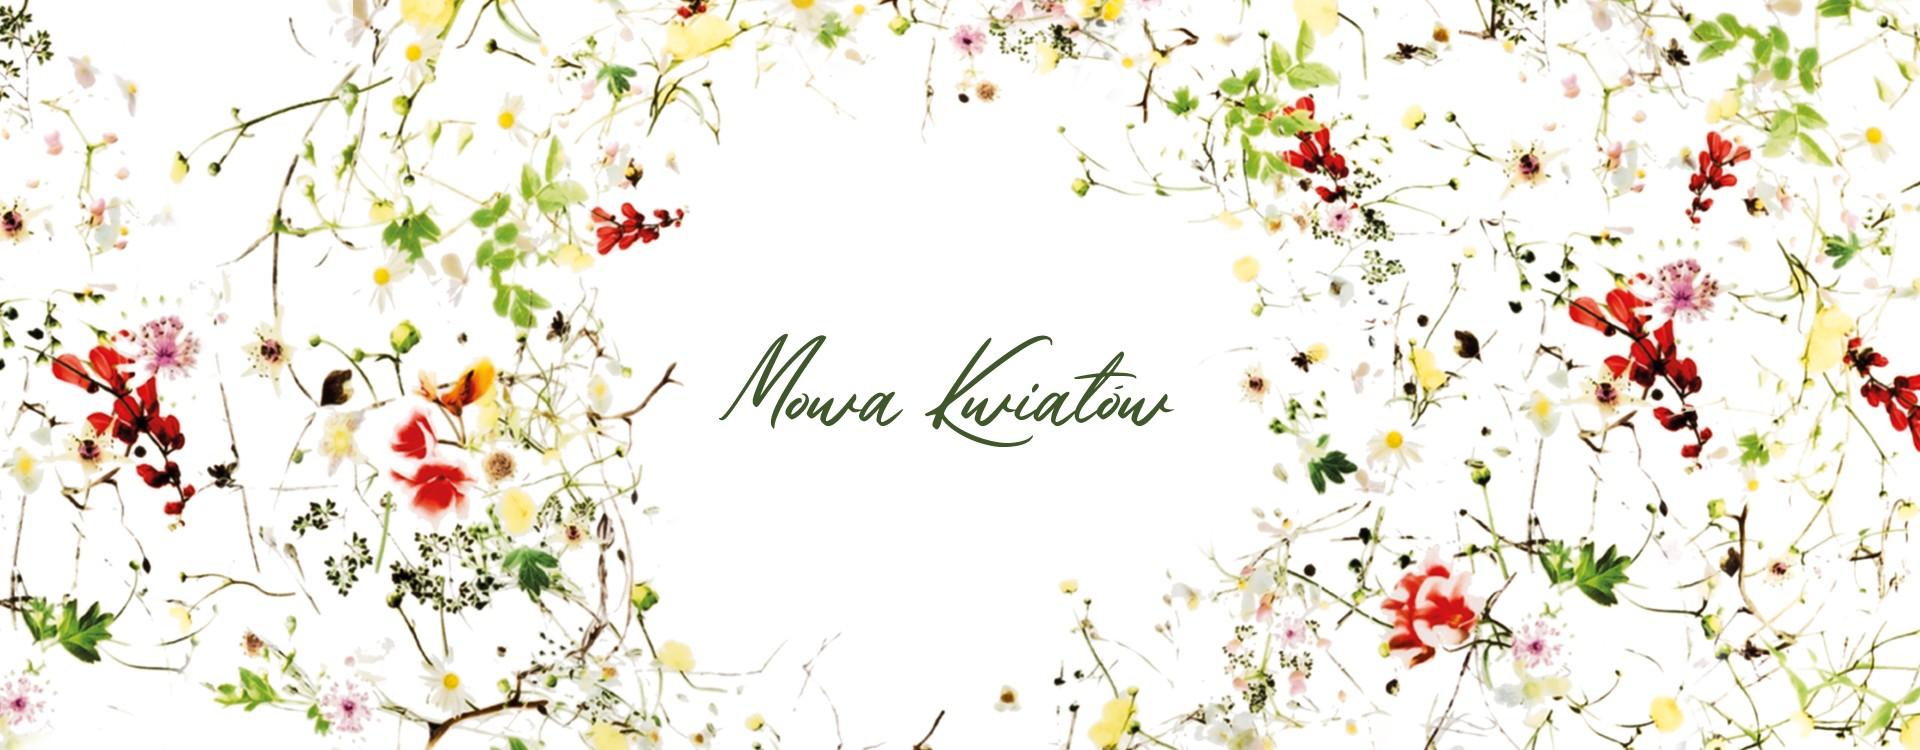 MOWA KWIATÓW - wyjątkowa oferta dla miłośników kwiatowych motywów